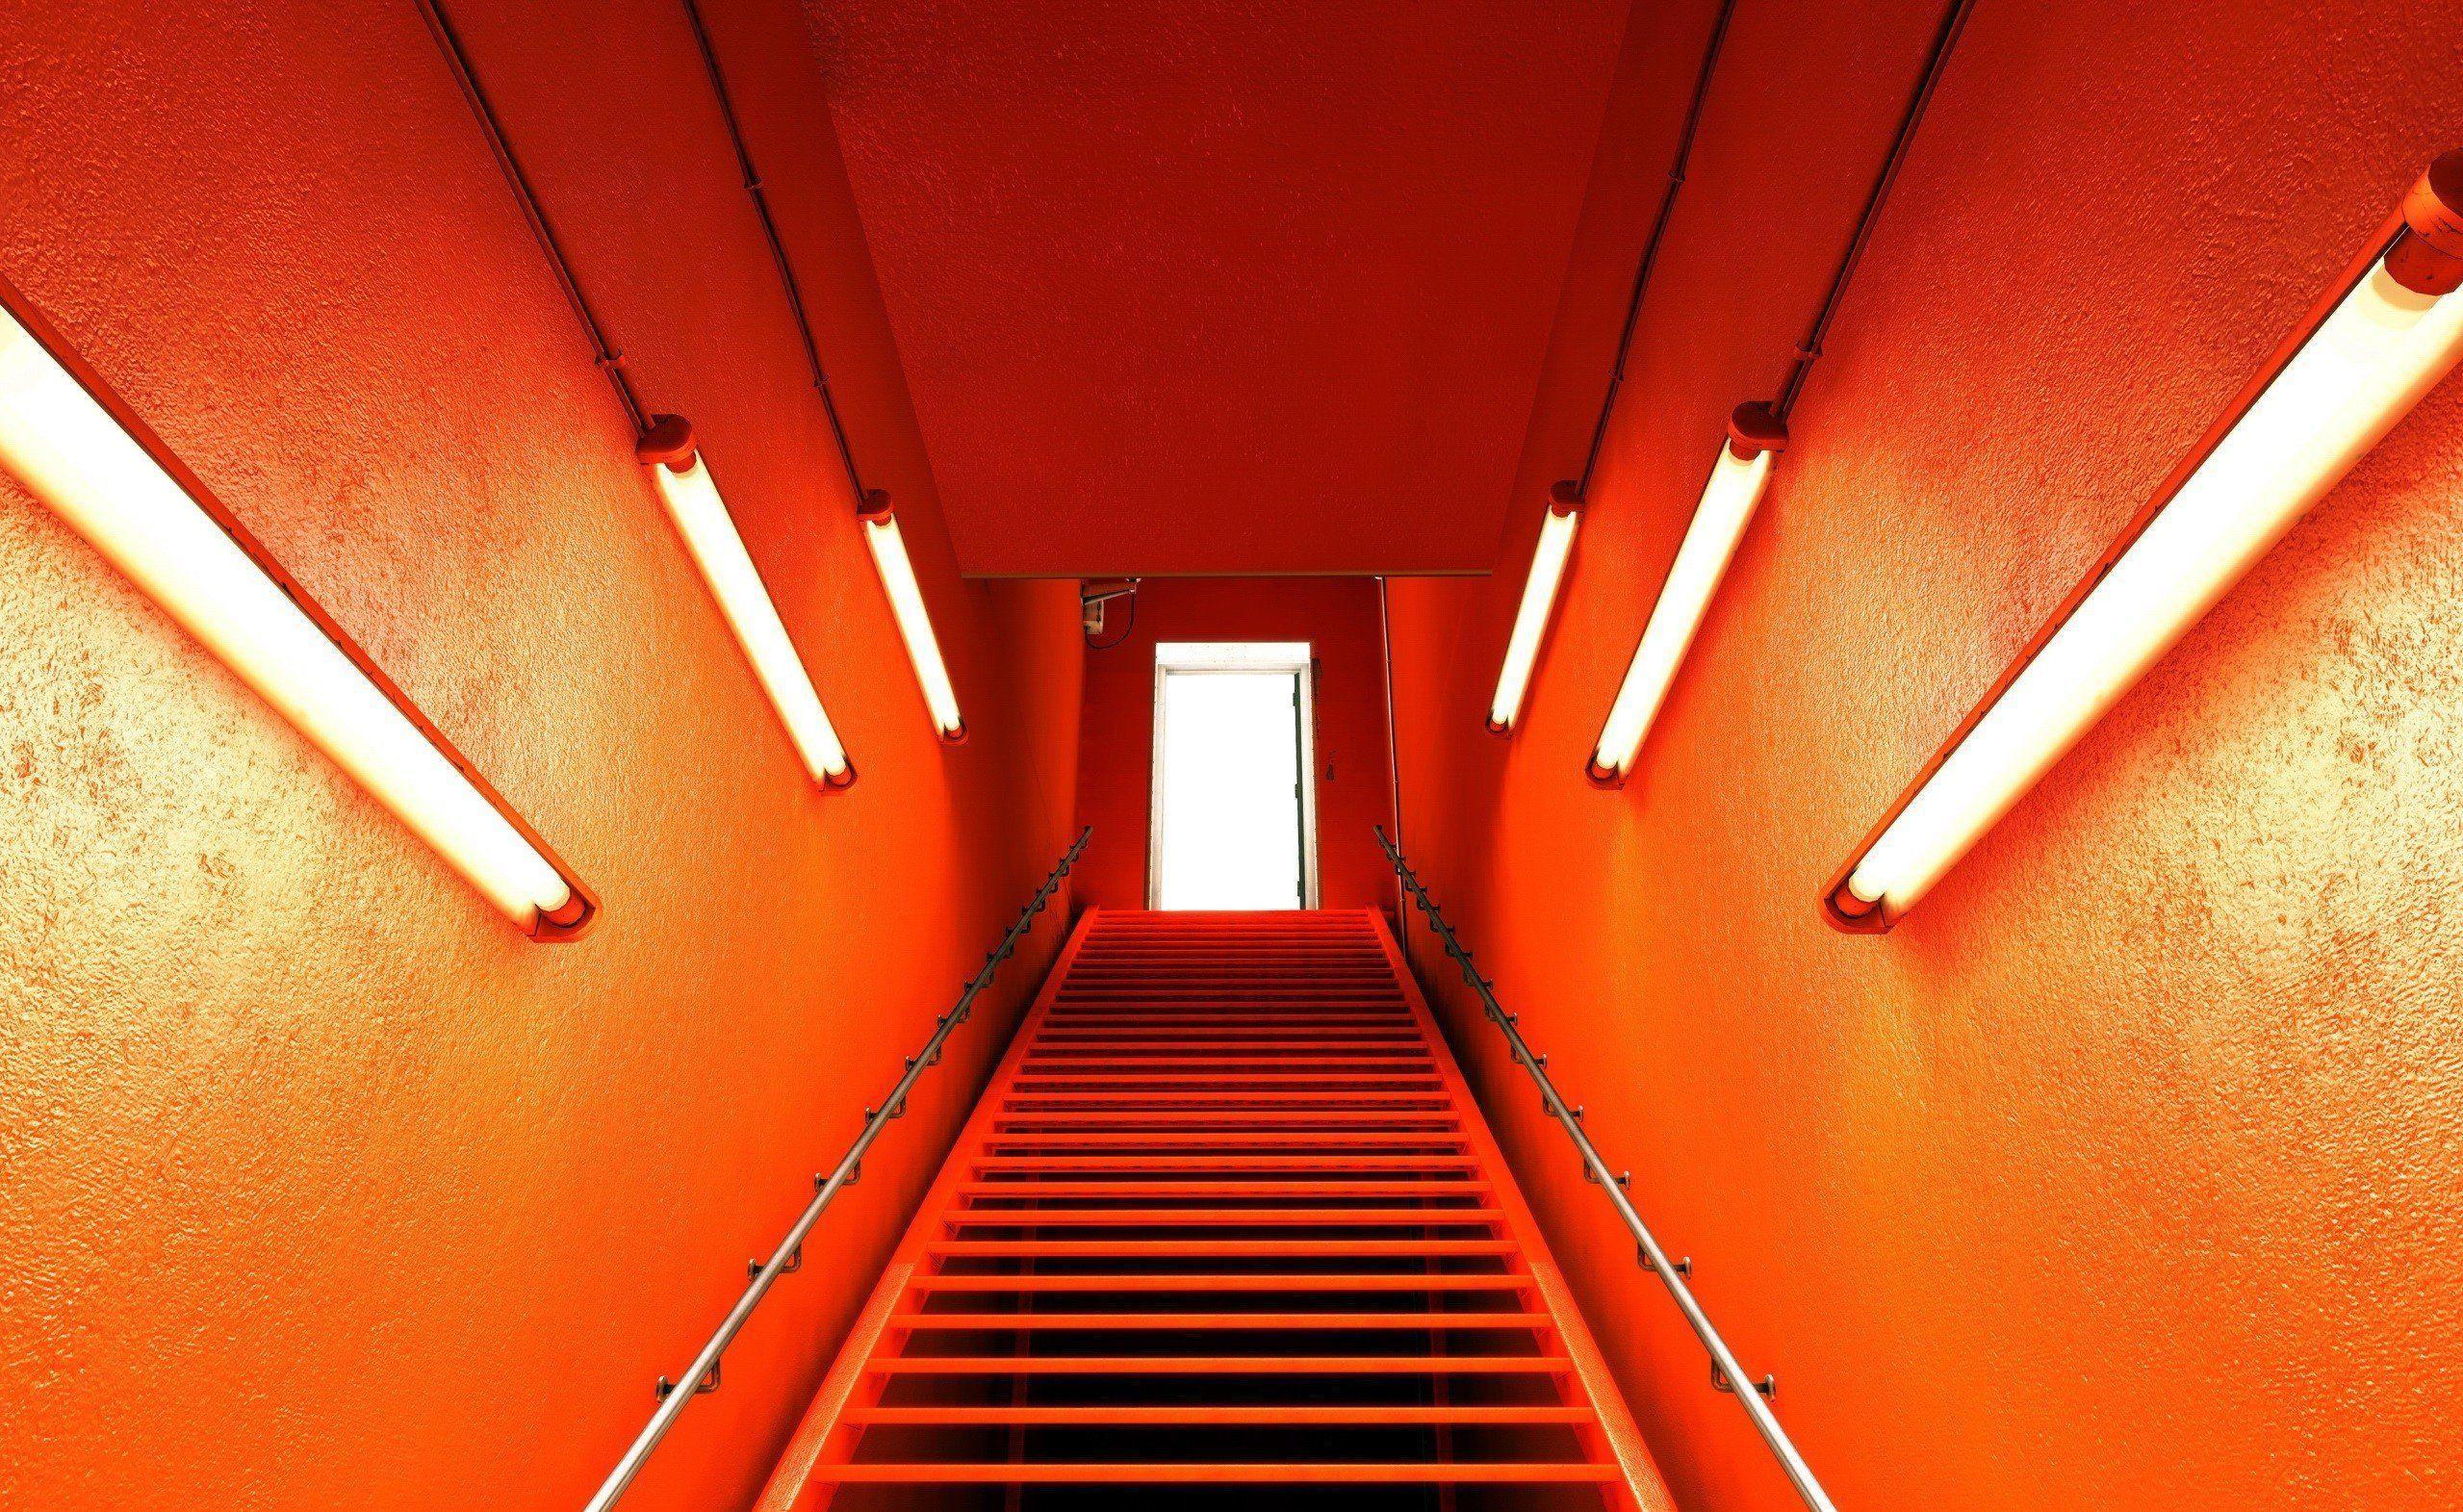 orange aesthetic desktop wallpapers